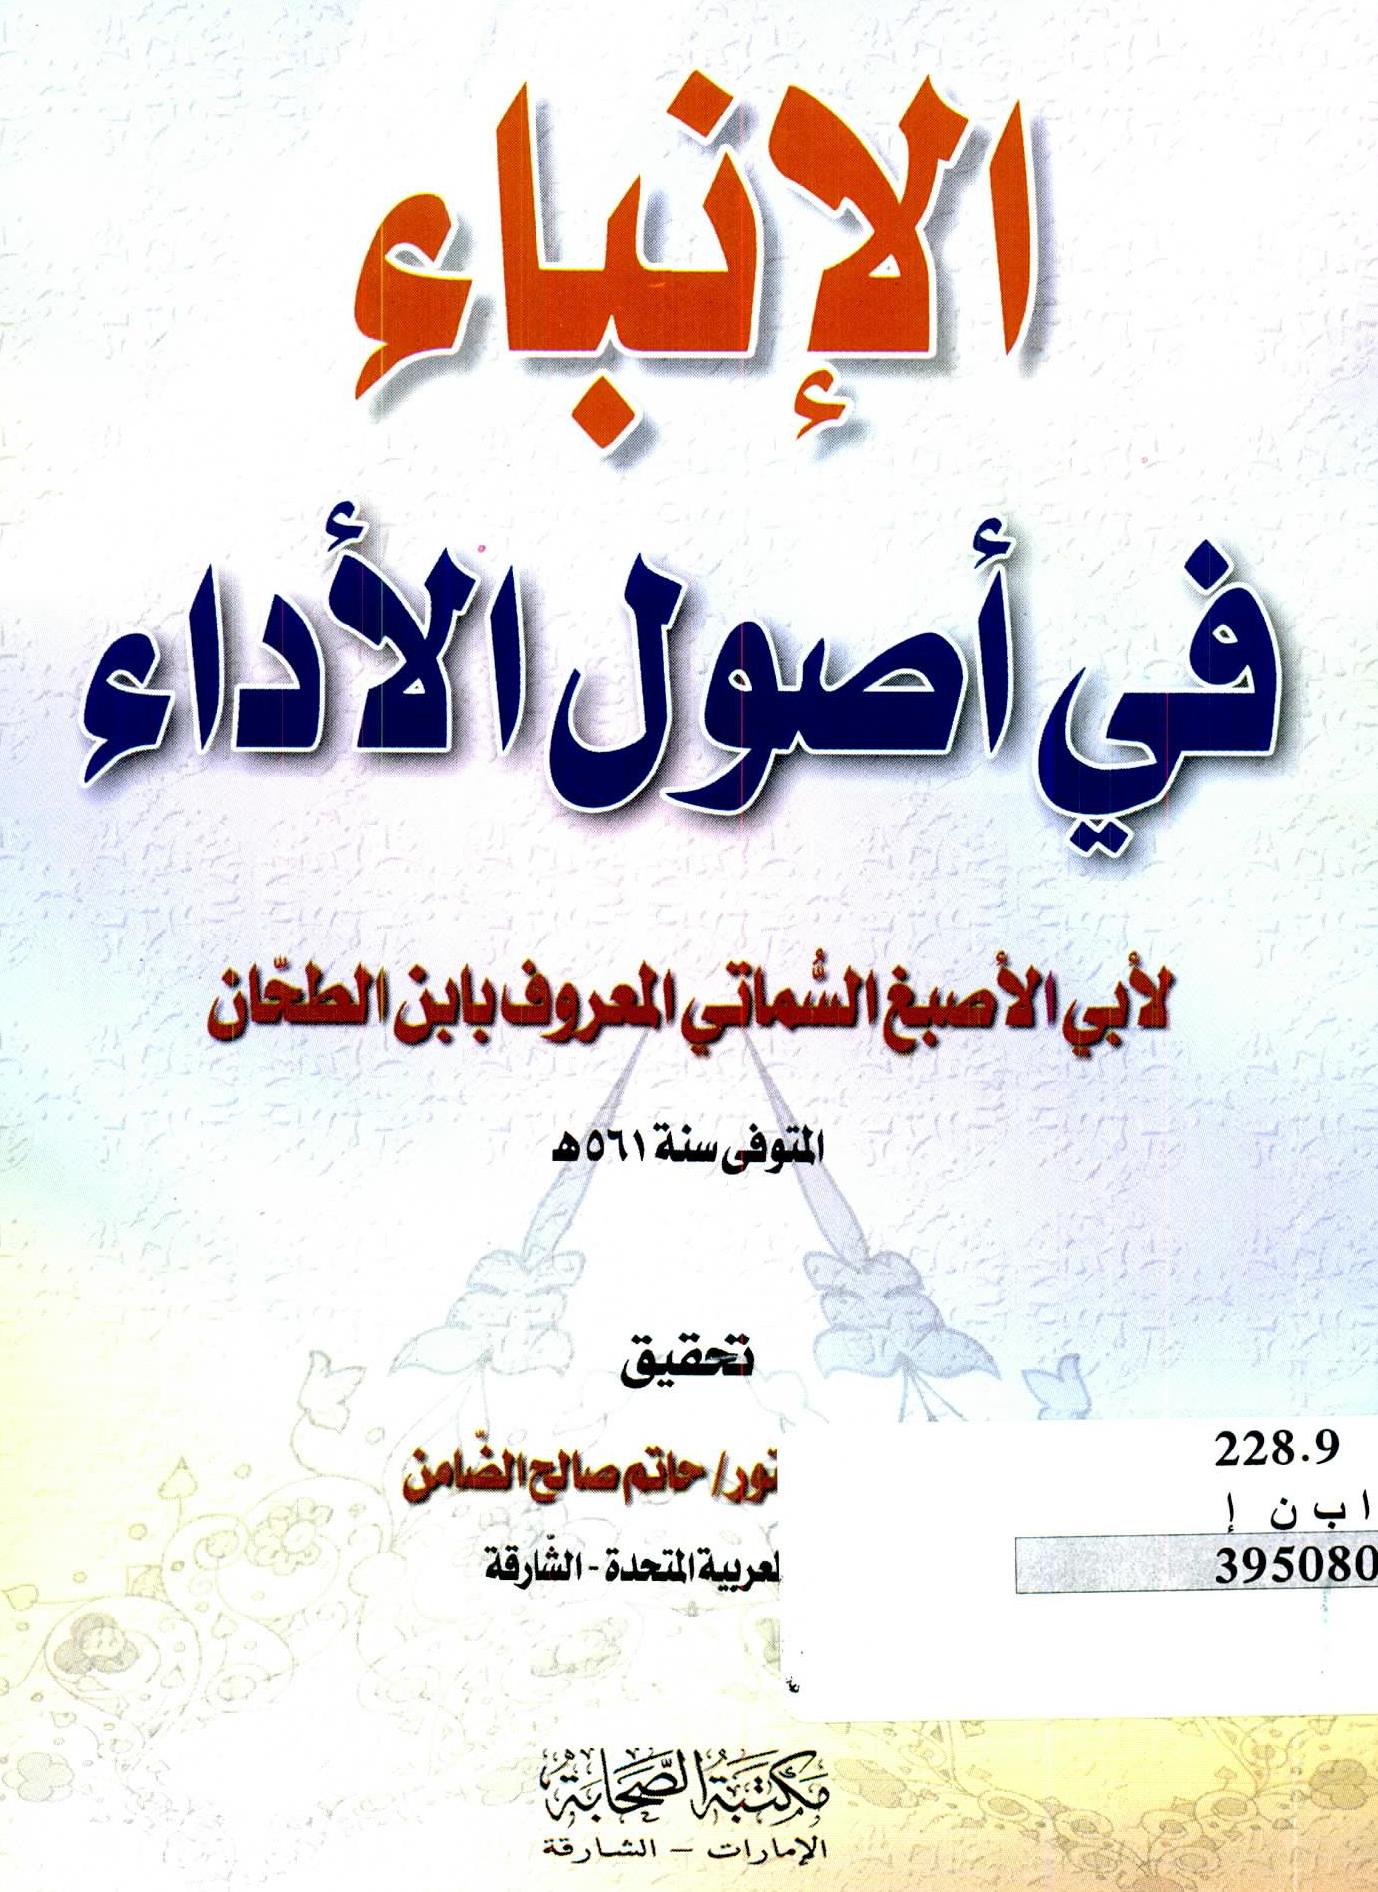 تحميل كتاب الإنباء في أصول الأداء لـِ: الإمام أبو الأصبغ عبد العزيز بن علي بن محمد السماتي الإشبيلي، ابن الطحان (ت بعد 560)